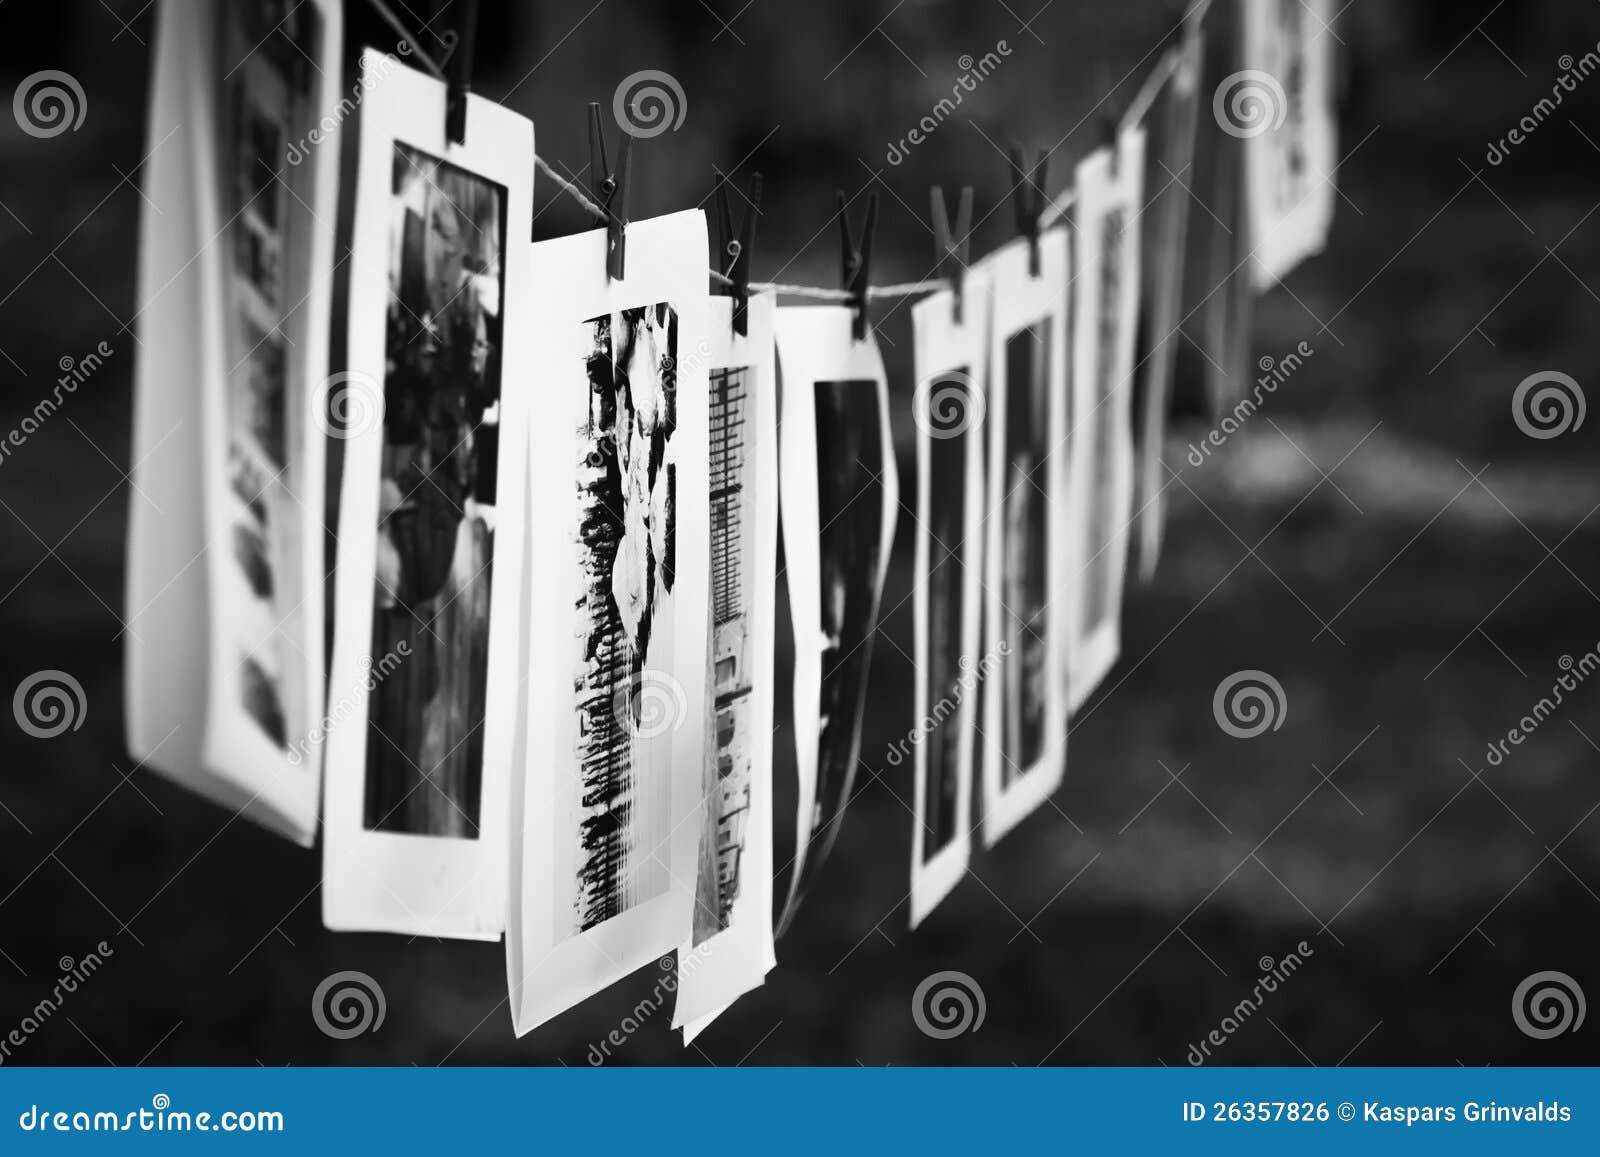 Photographies noires et blanches